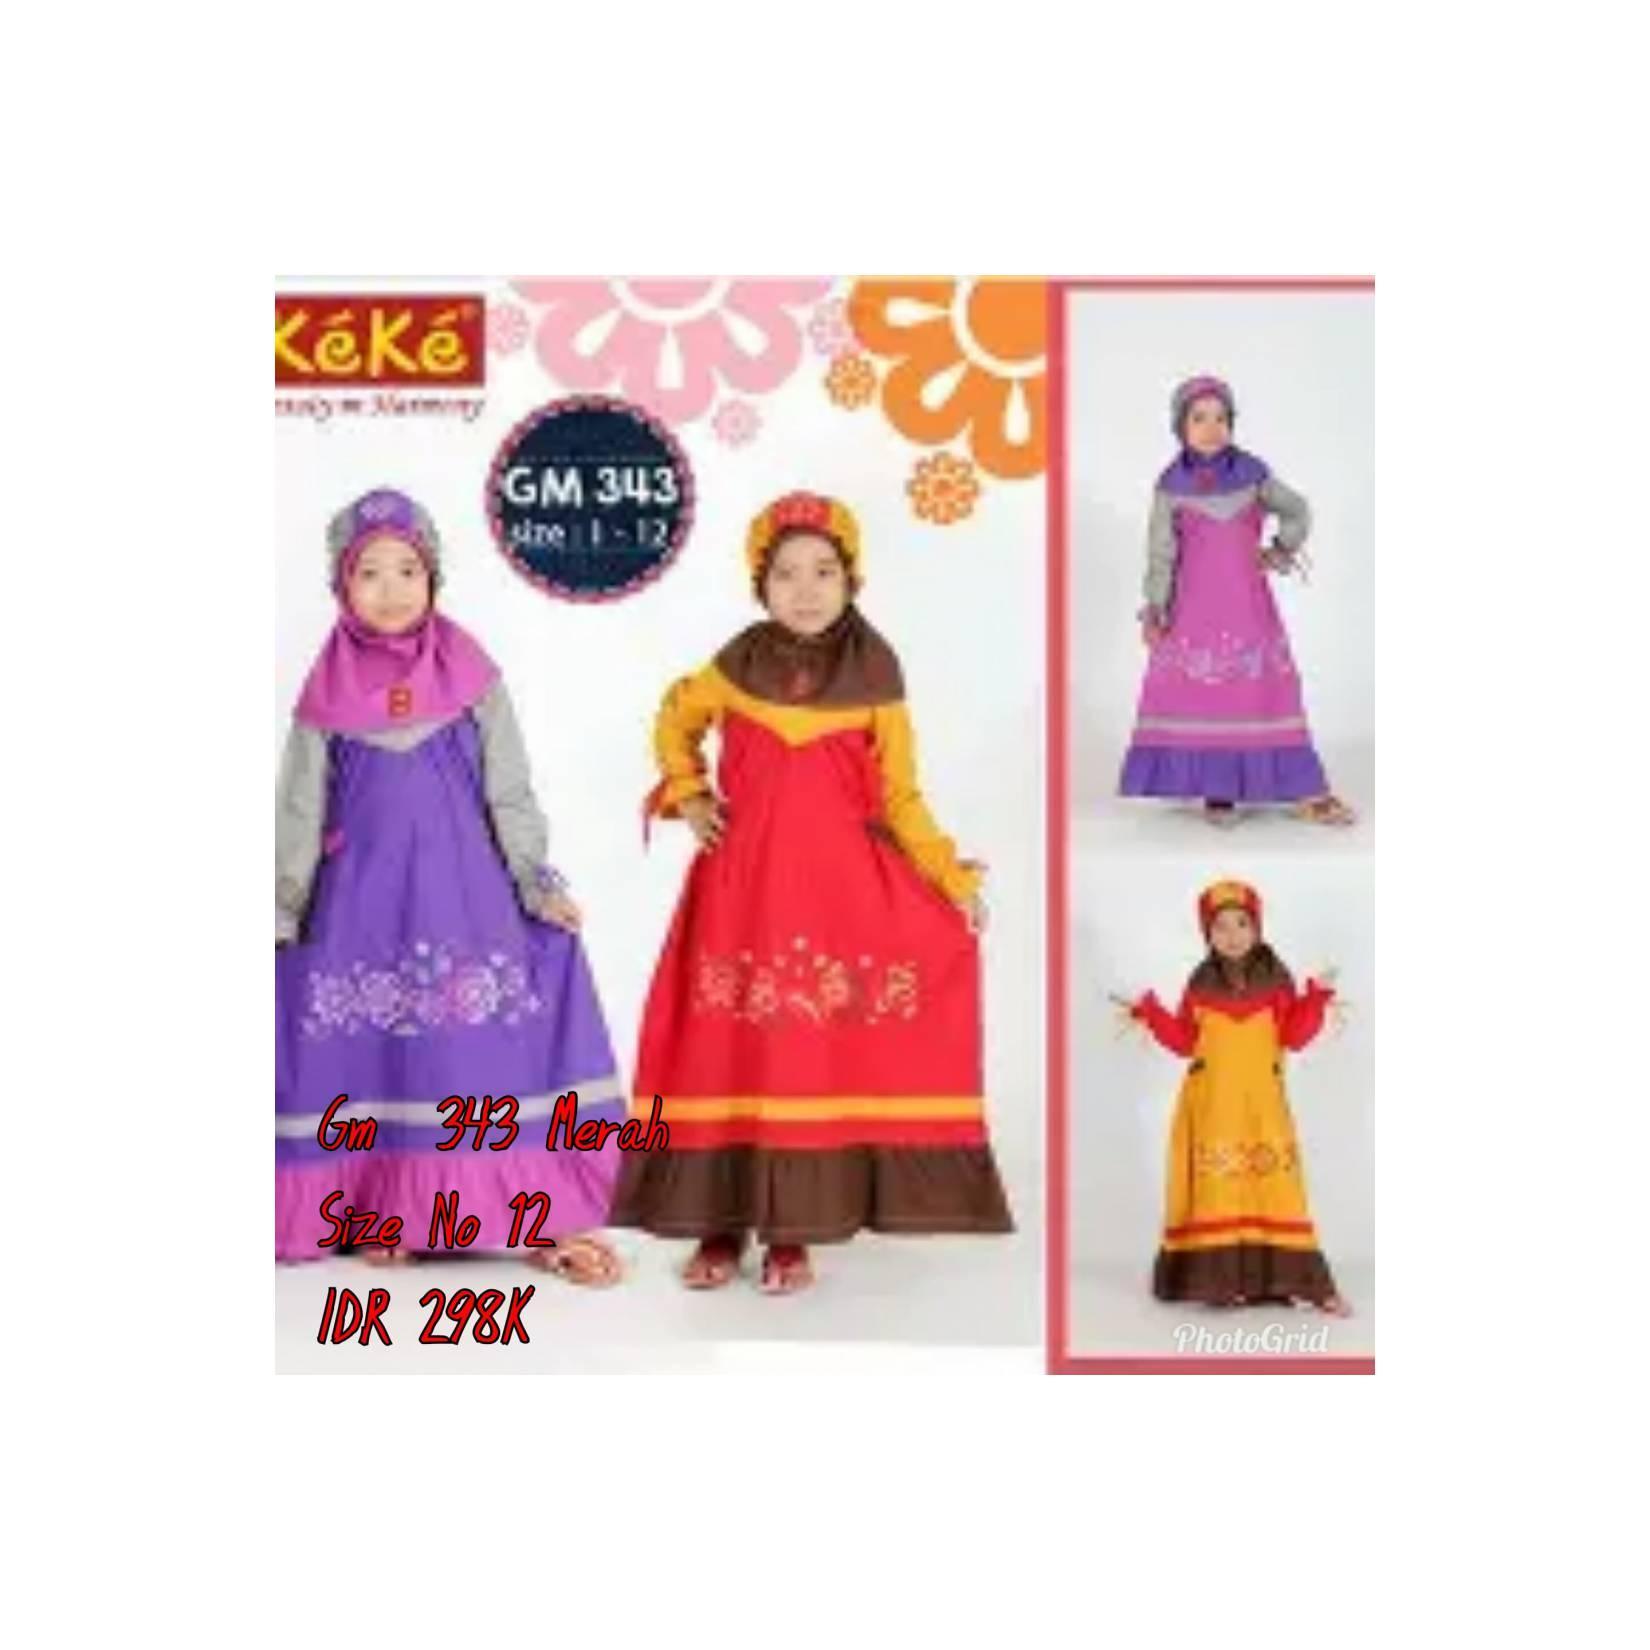 Keke Baju Anak Muslim GM 343 Merah No12 Diskon / Sale / Obral 25%